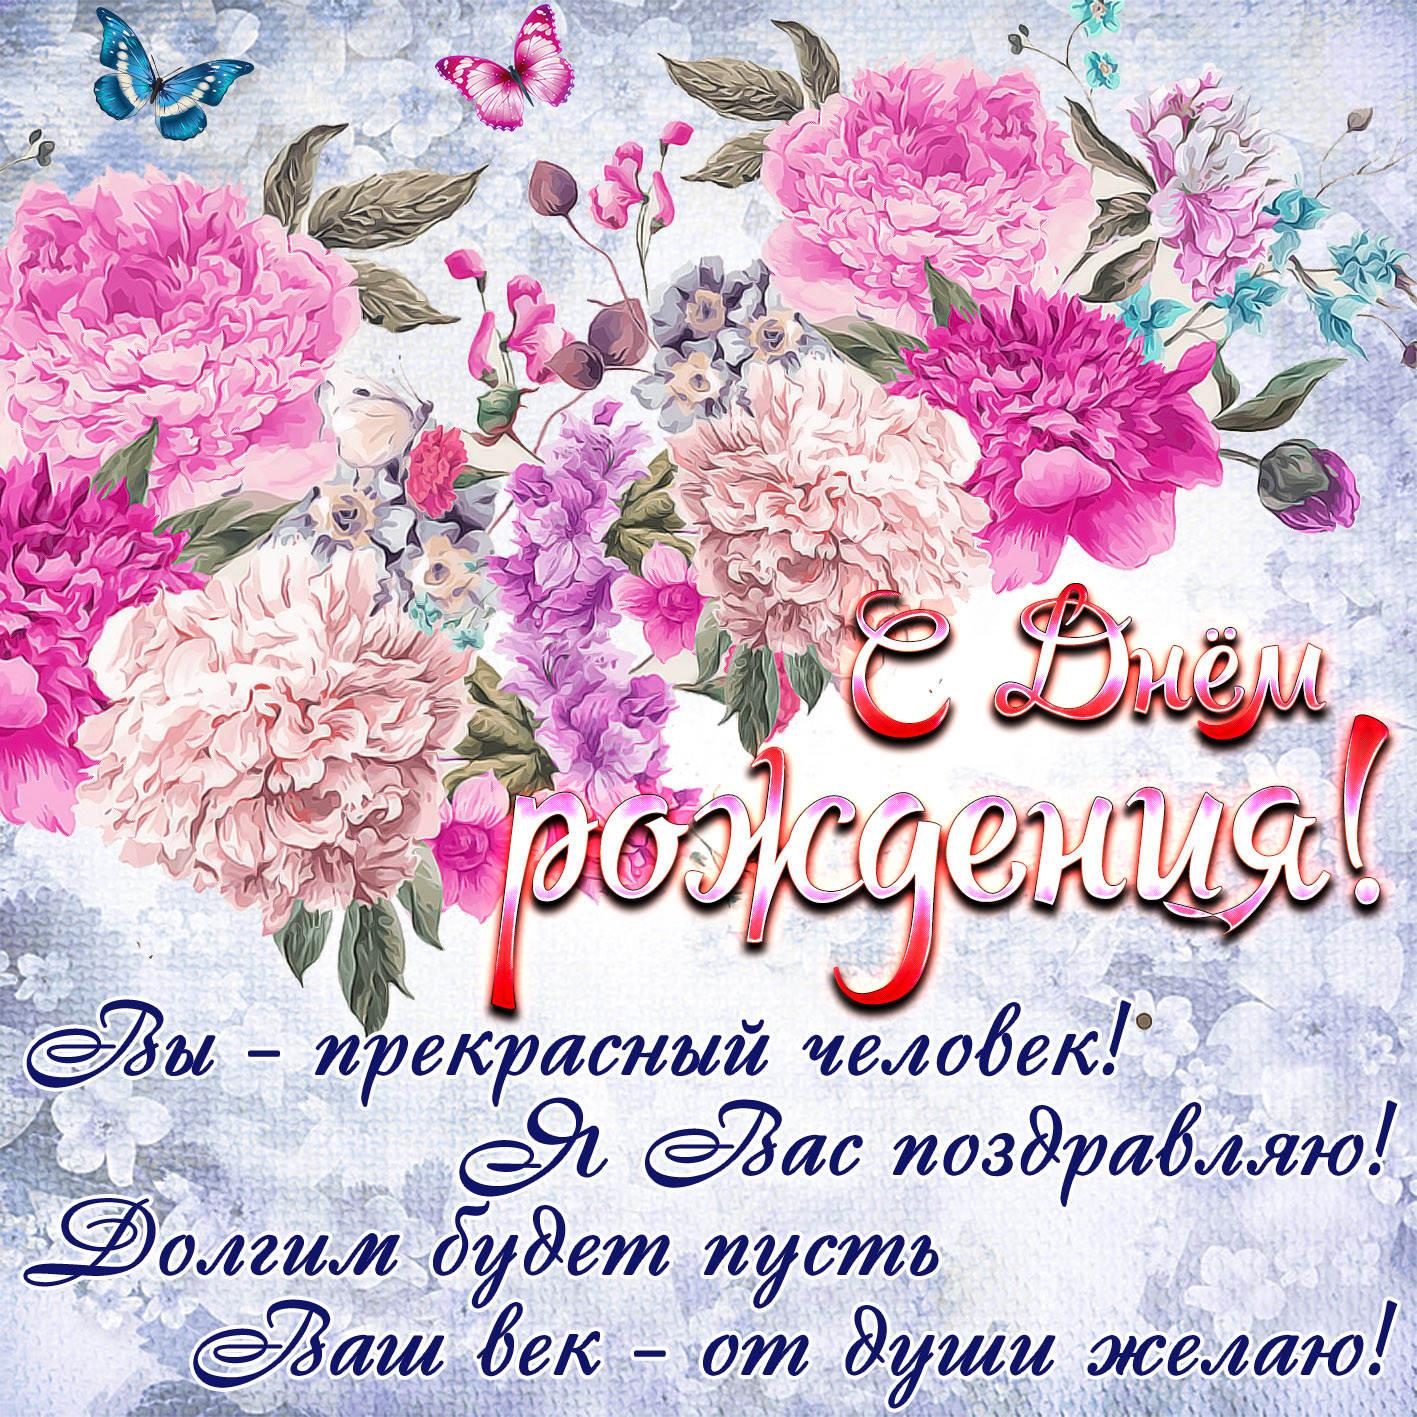 Картинка с цветами и пожеланием женщине на День рождения